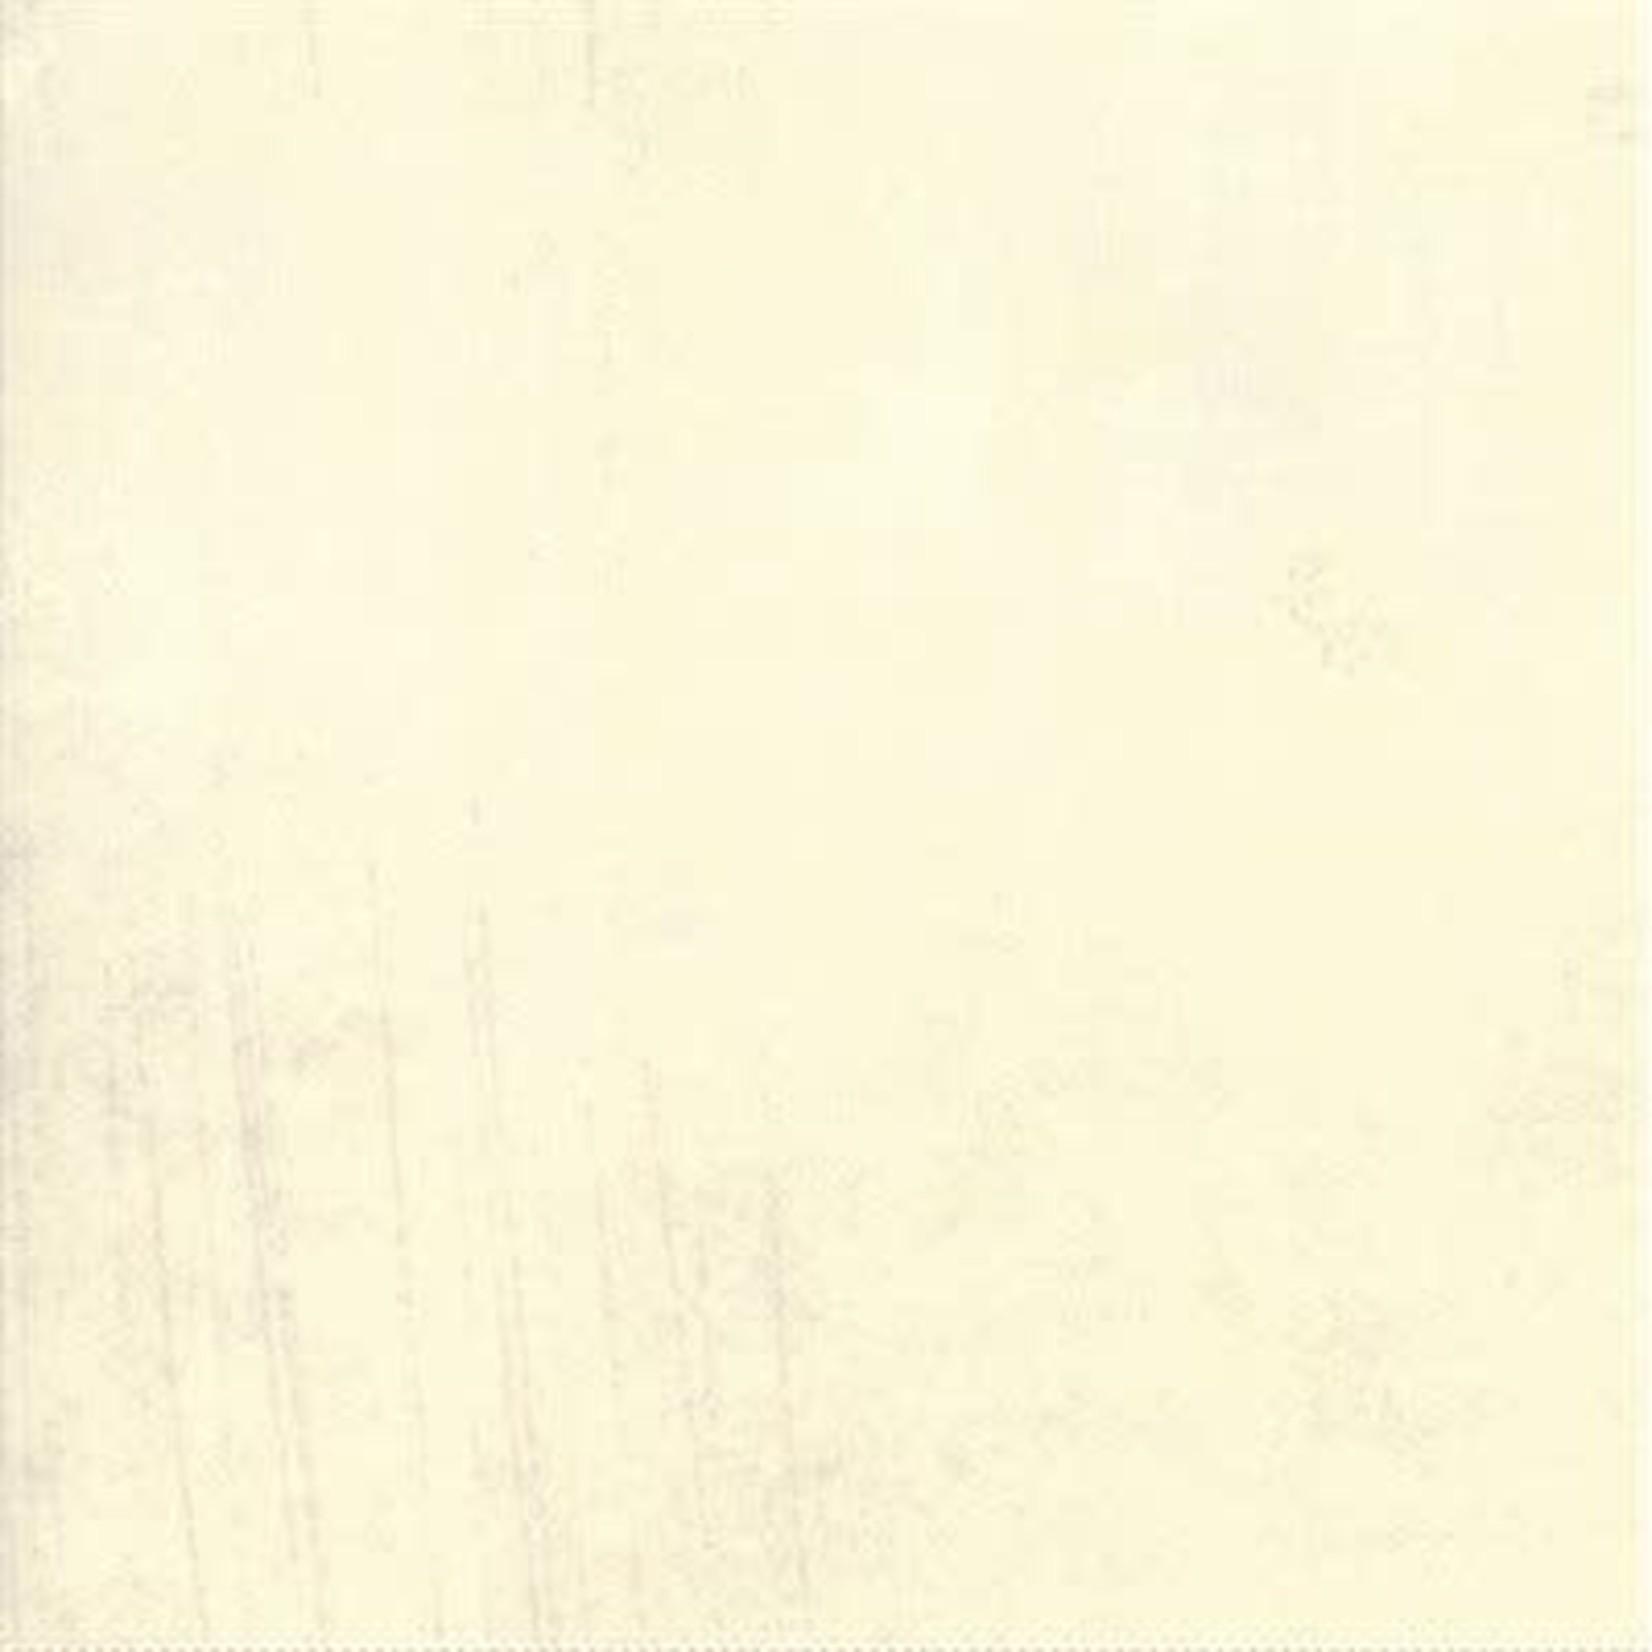 Moda Grunge Basics Grunge - Manilla per cm or $20/m